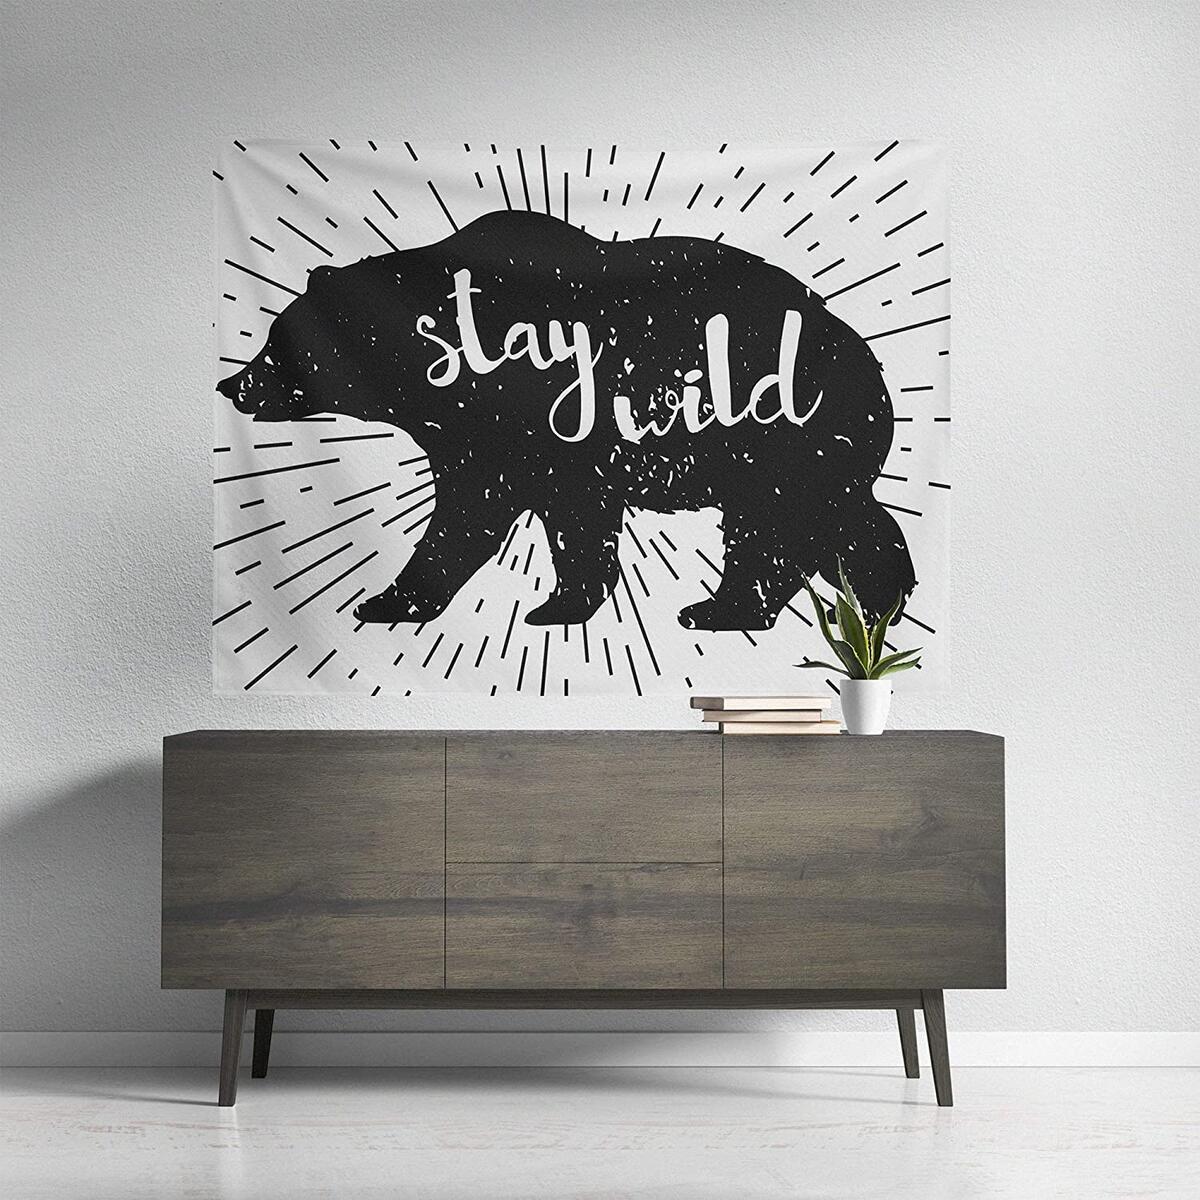 Stay Wild Black and White Bear Wall Tapestry, Cute Boho Home Wall Decor for Dorm Room Art, VSCO Teen Girl Bedroom Aesthetic, Living Room Flag Hanging